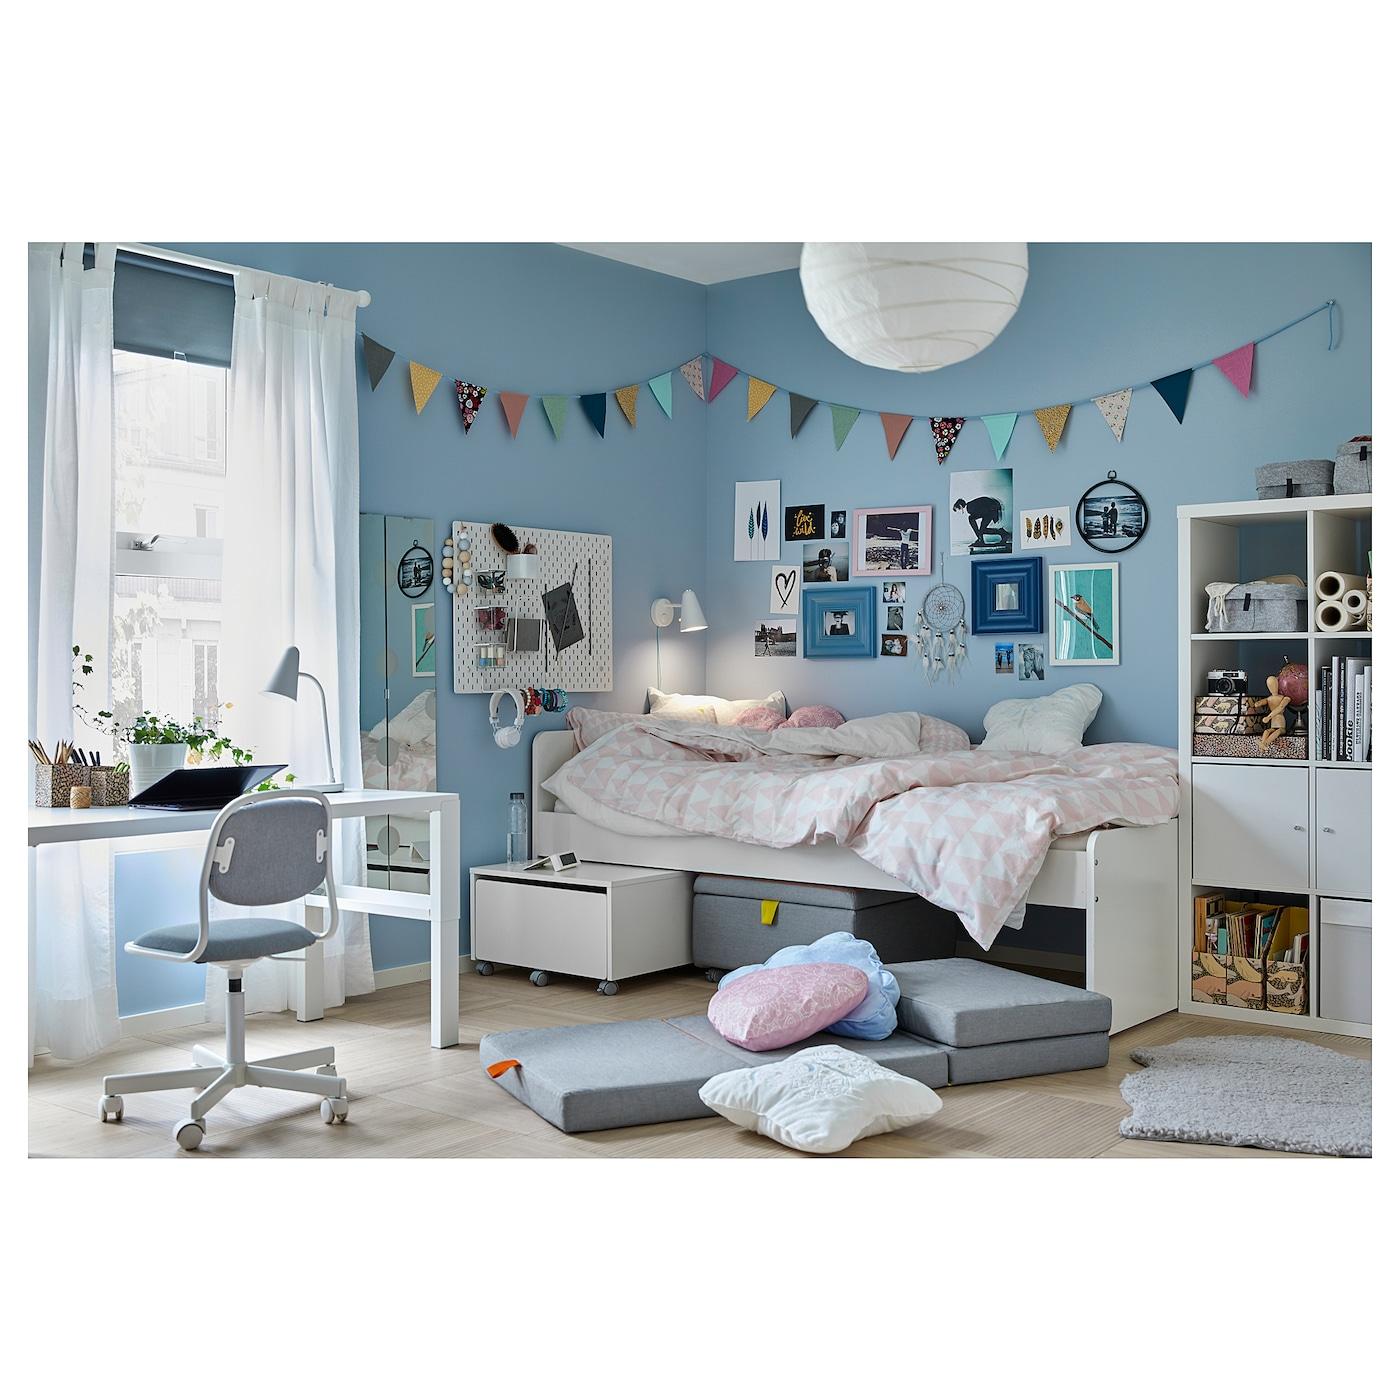 SLäKT Bed frame with slatted bed base White 90×200 cm IKEA